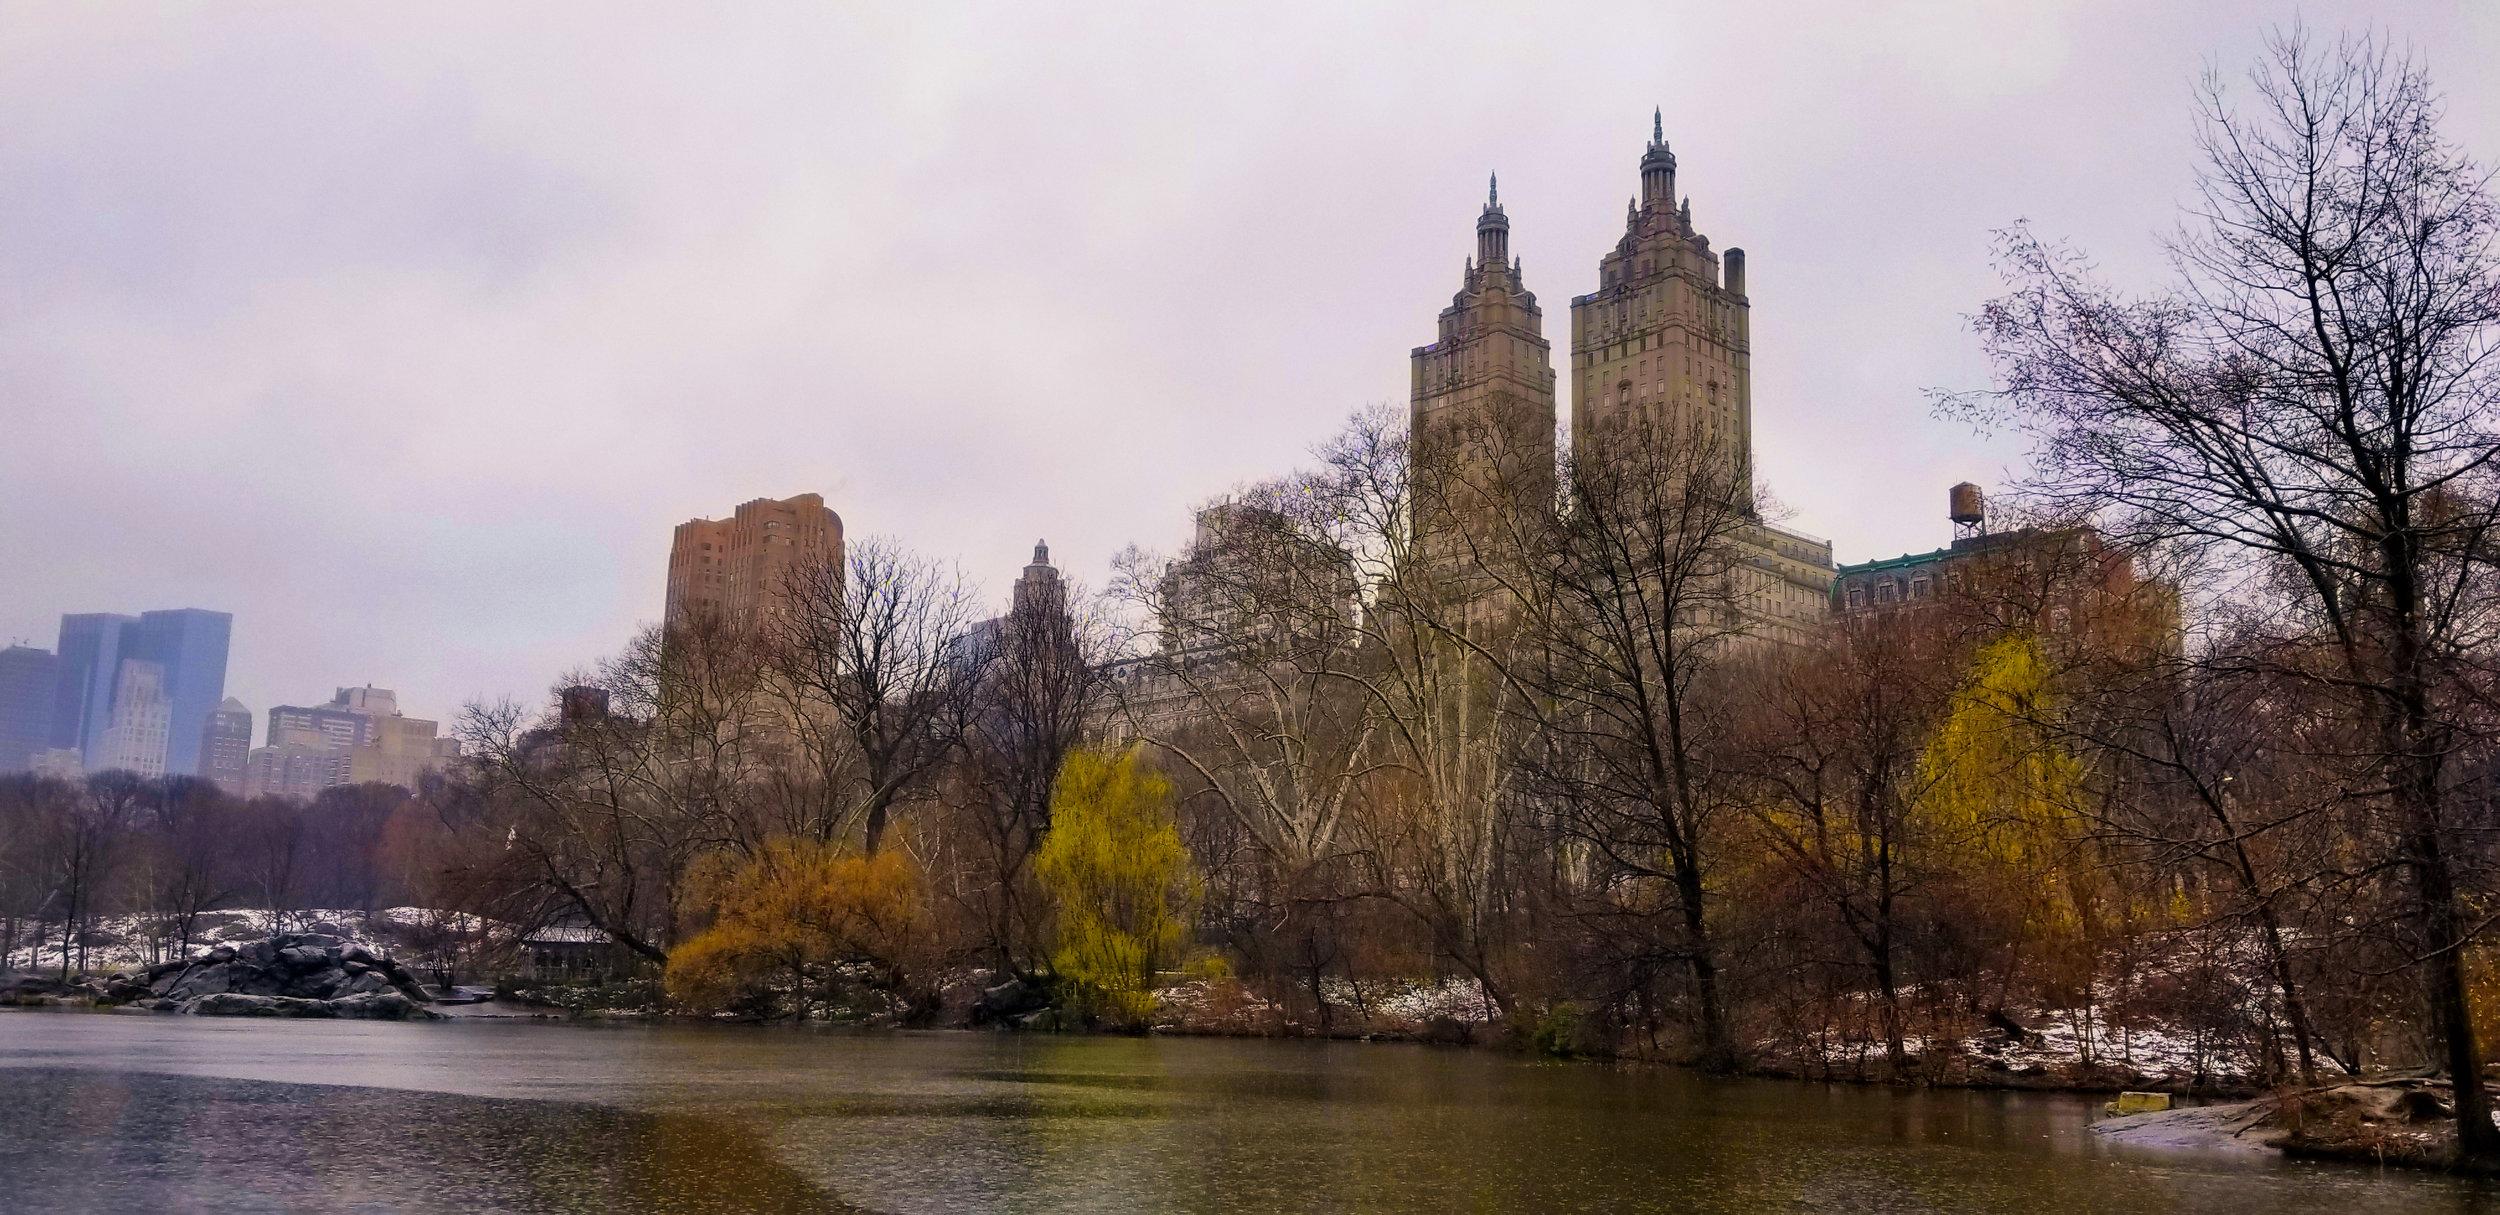 Rainy Day in Central Park | New York NY